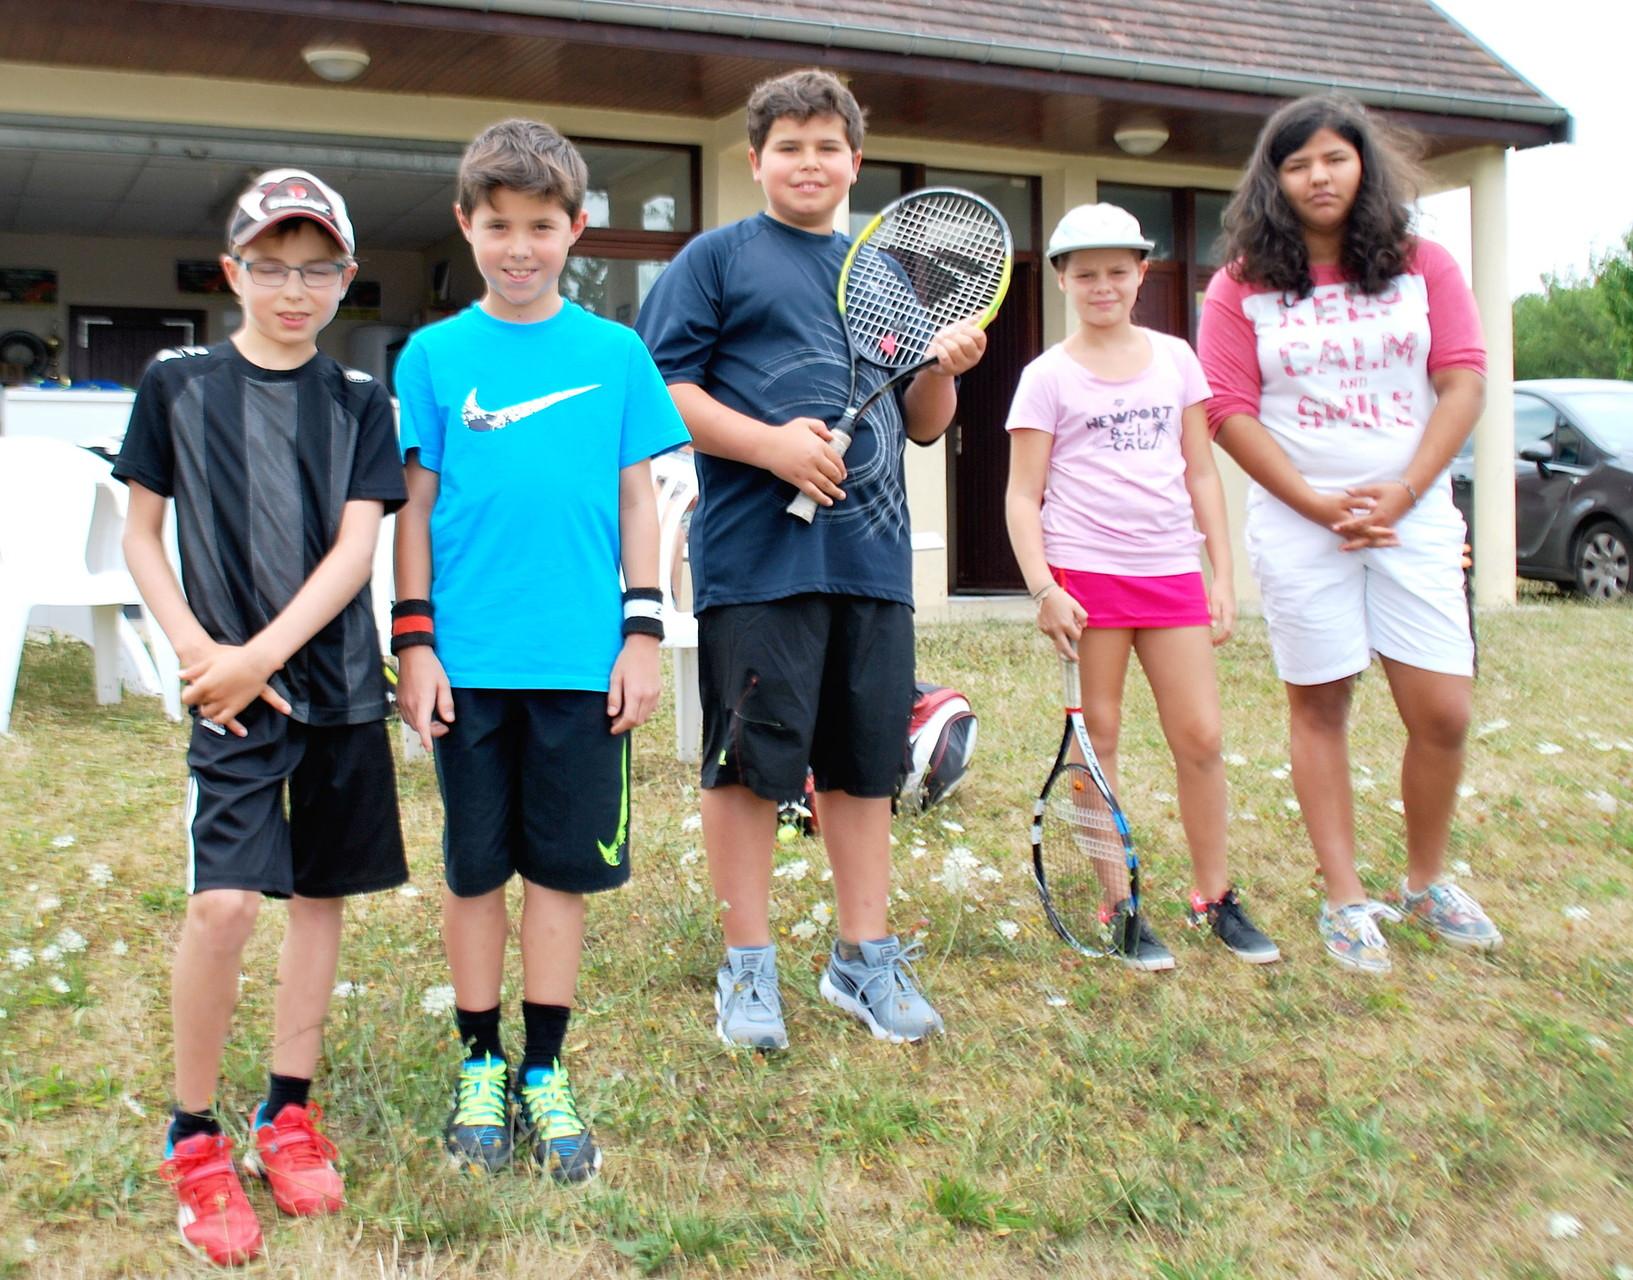 Les 10 ans : de g. à droite : Gabriel, Nathan, Baptiste, Romy, et Augustine super arbitre!!